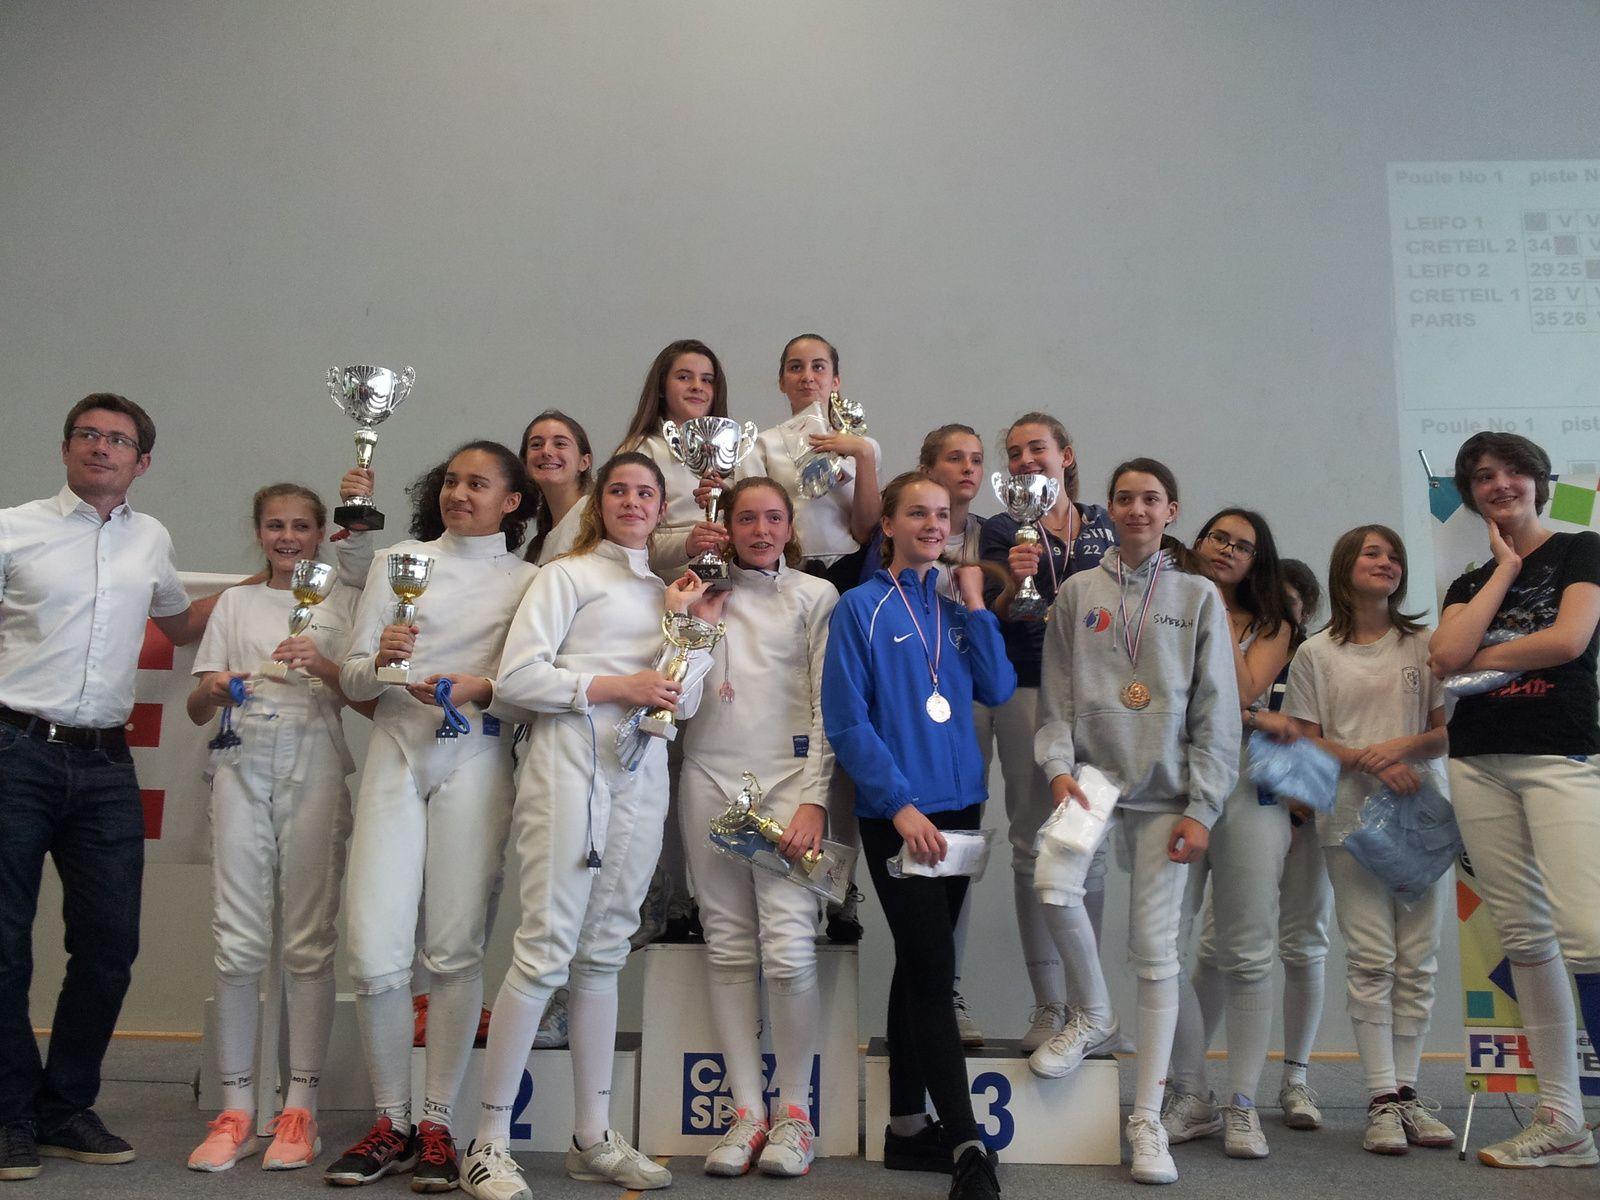 Championnat de France Fleuret Vétérans et Interligue par équipe en M14